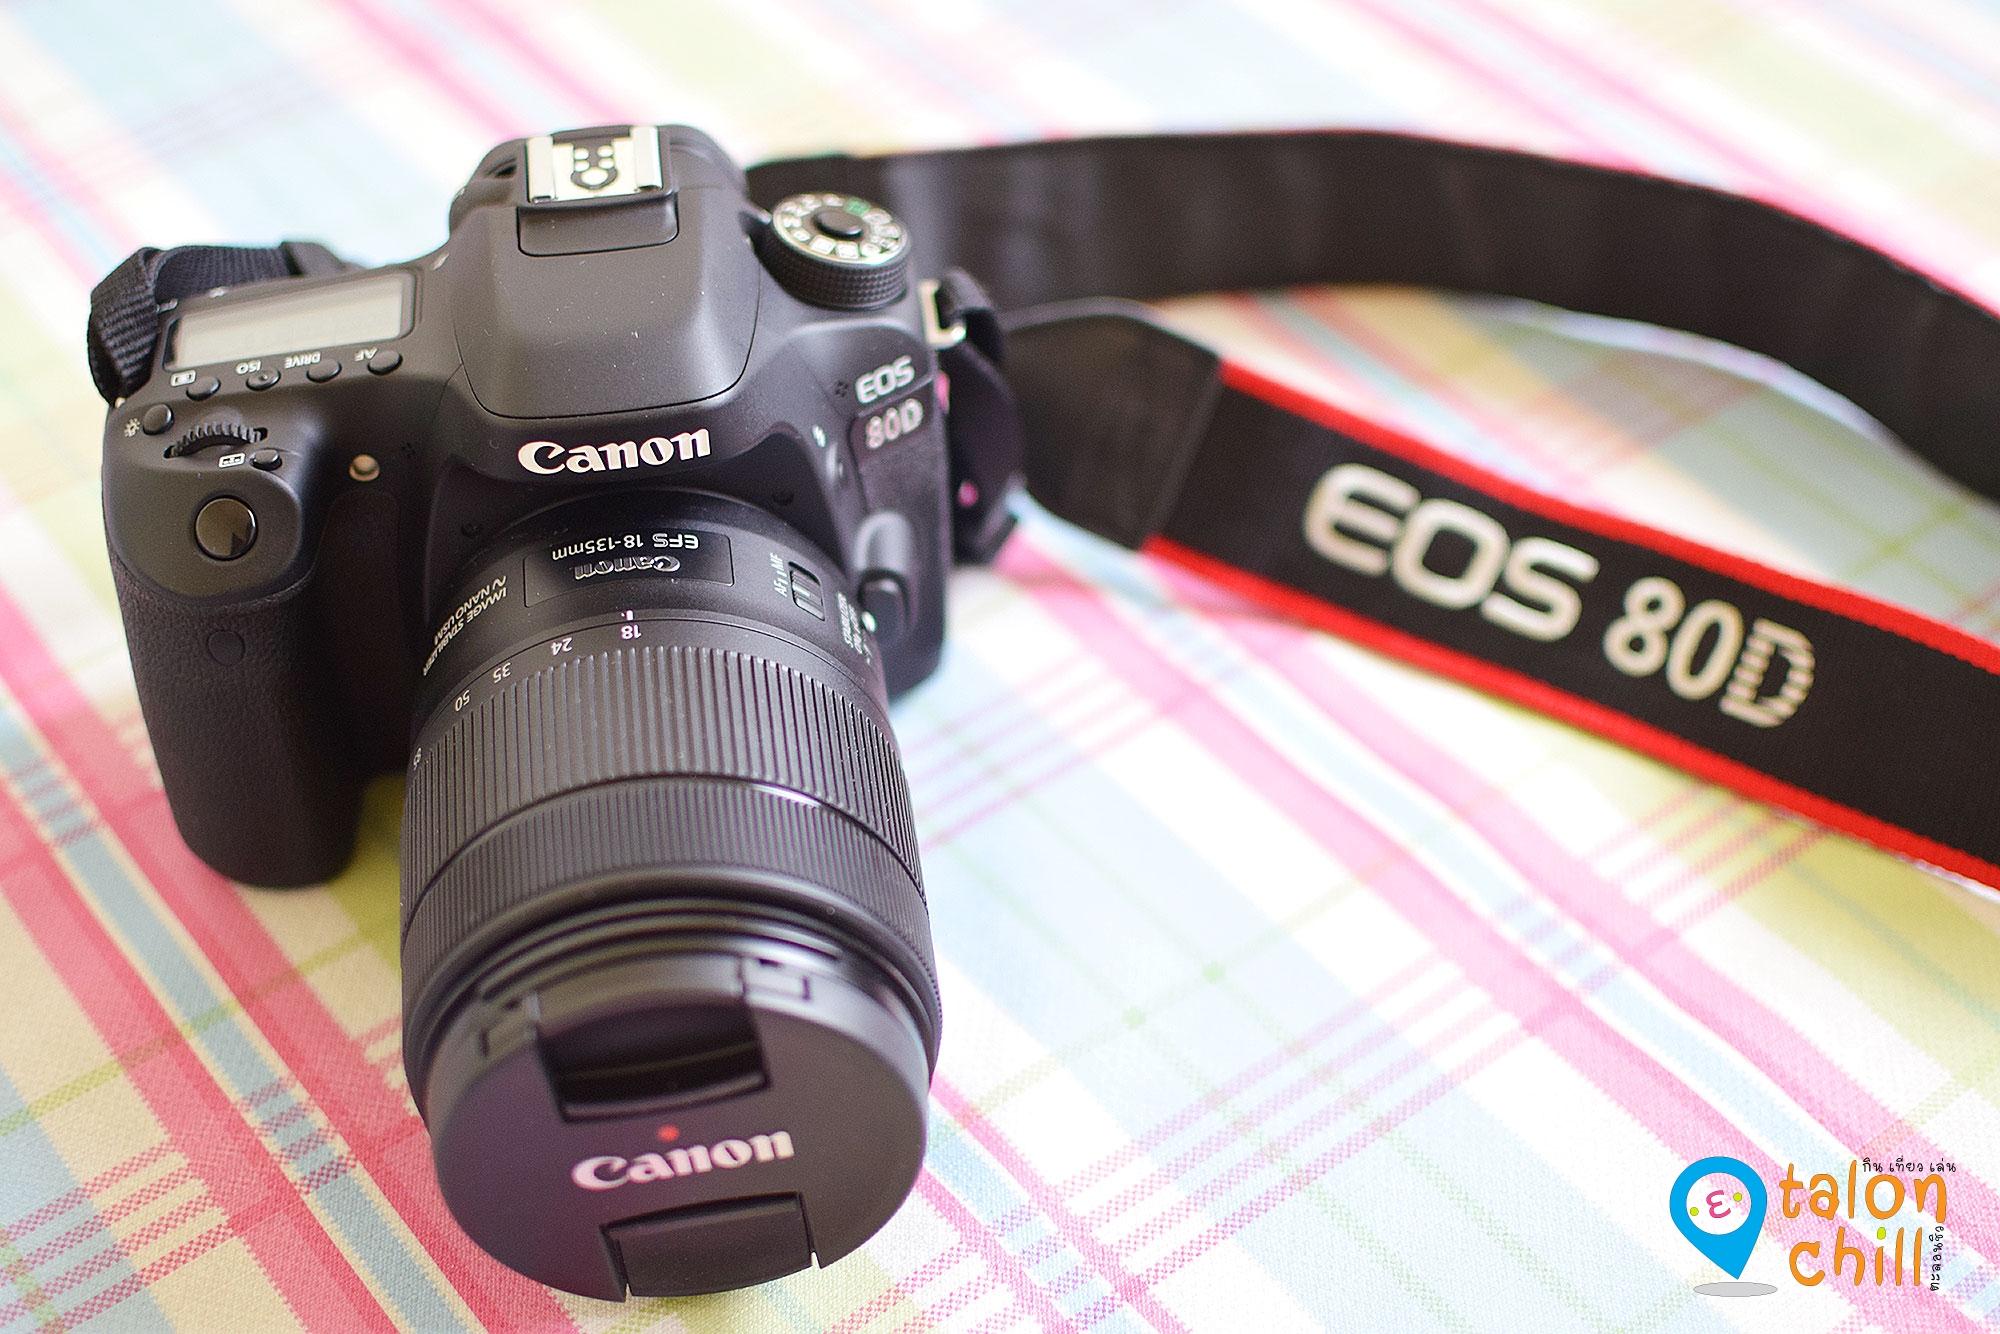 [แกะกล่องรีวิว] กล้อง Canon EOS 80D ฉบับตะลอนชิว